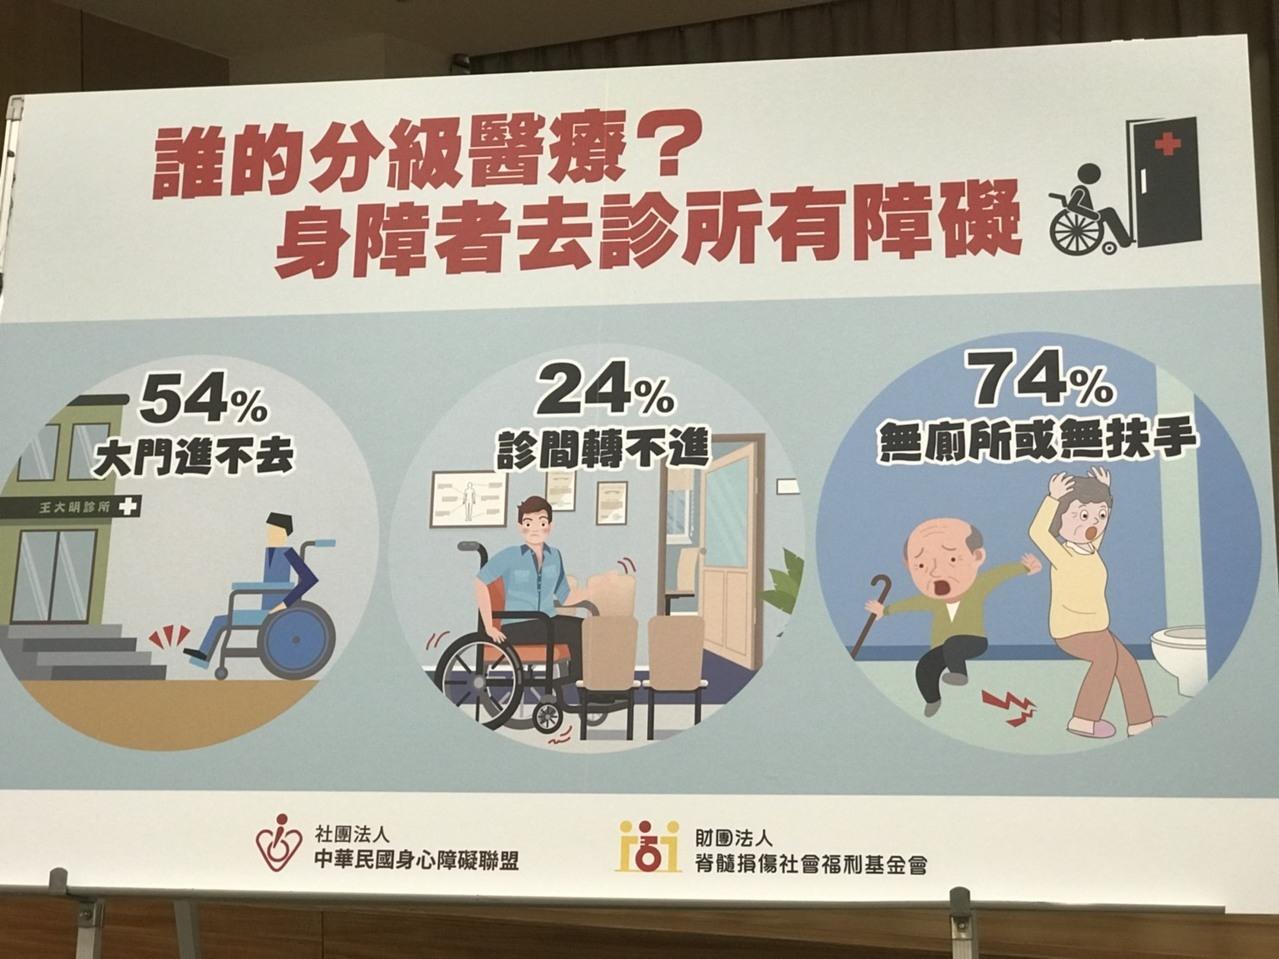 據身心障礙聯盟調查統計發現,54%身障者診所大門進不去,24%診間轉不進,74%無廁所或無扶手。記者簡浩正/攝影